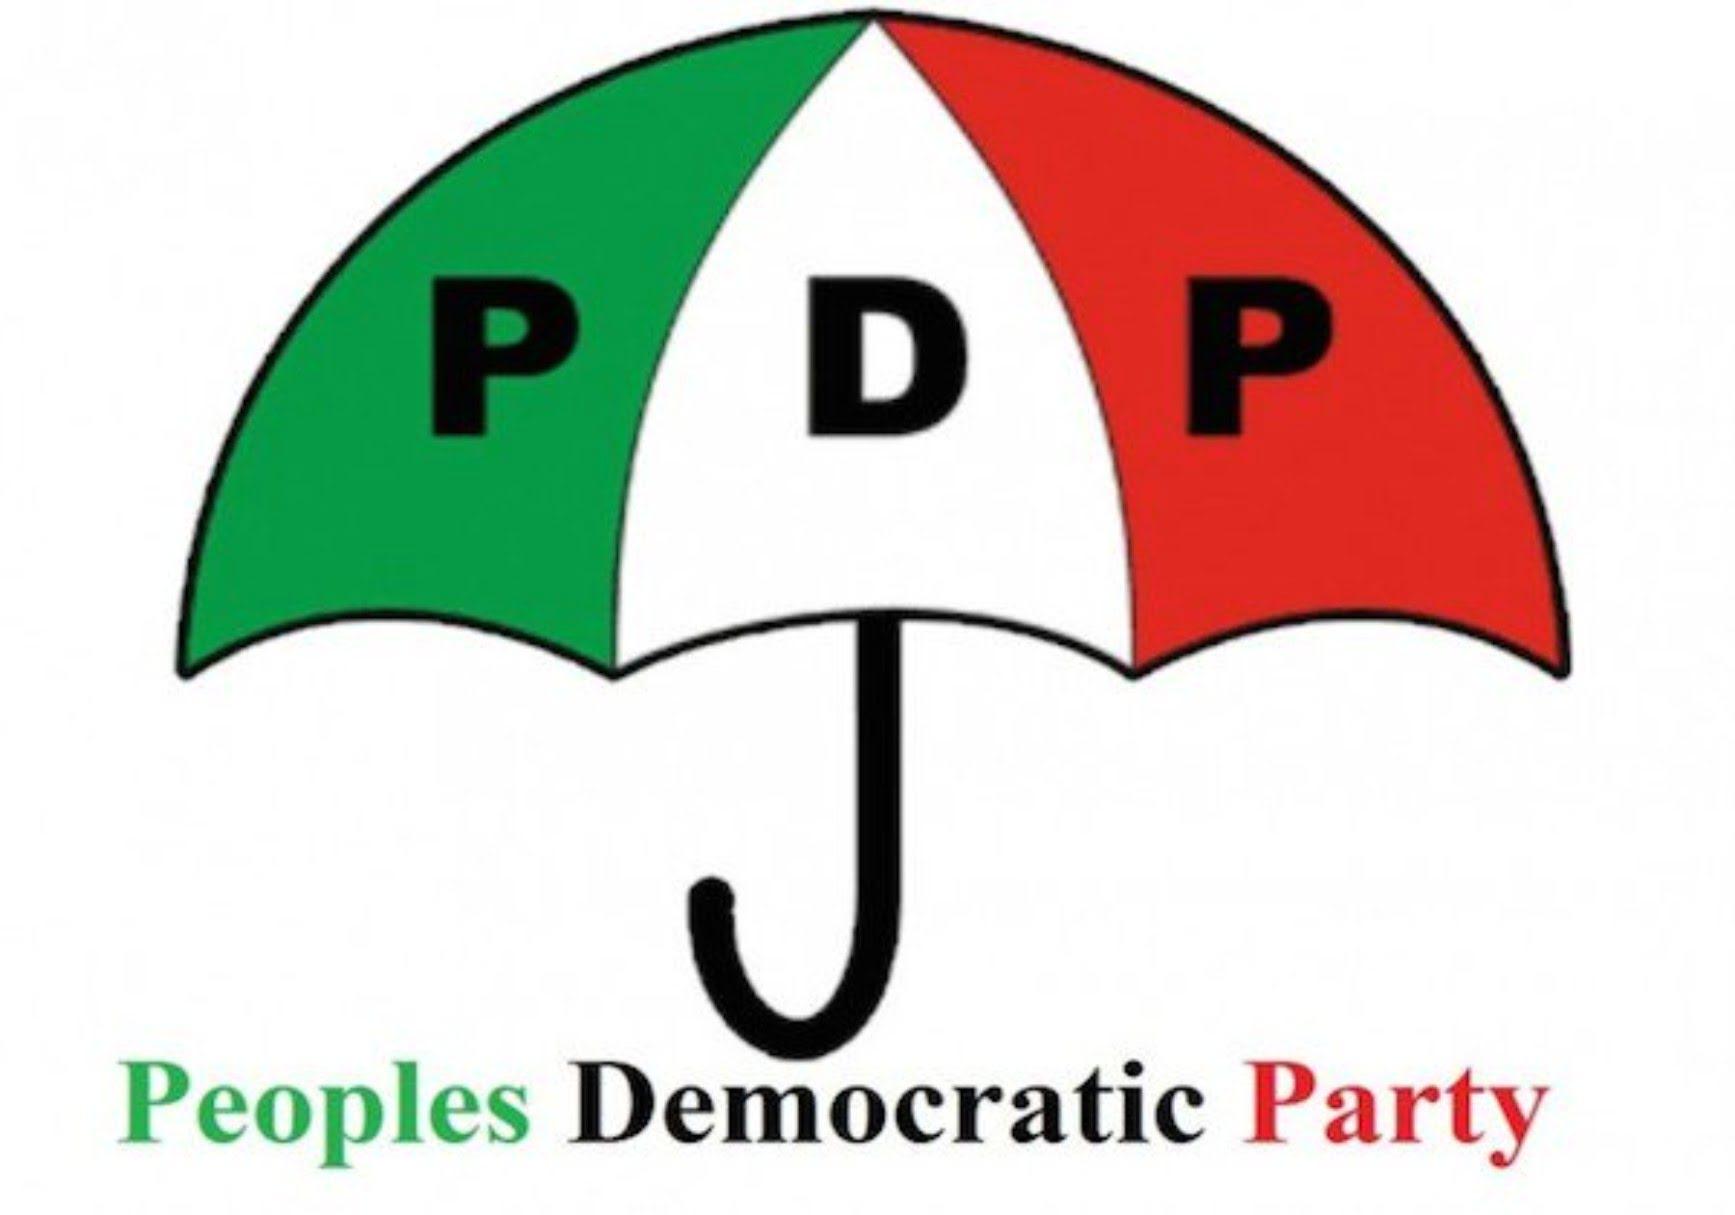 PDP - Jigawa electoral commission bars PDP from LG election, gives reason